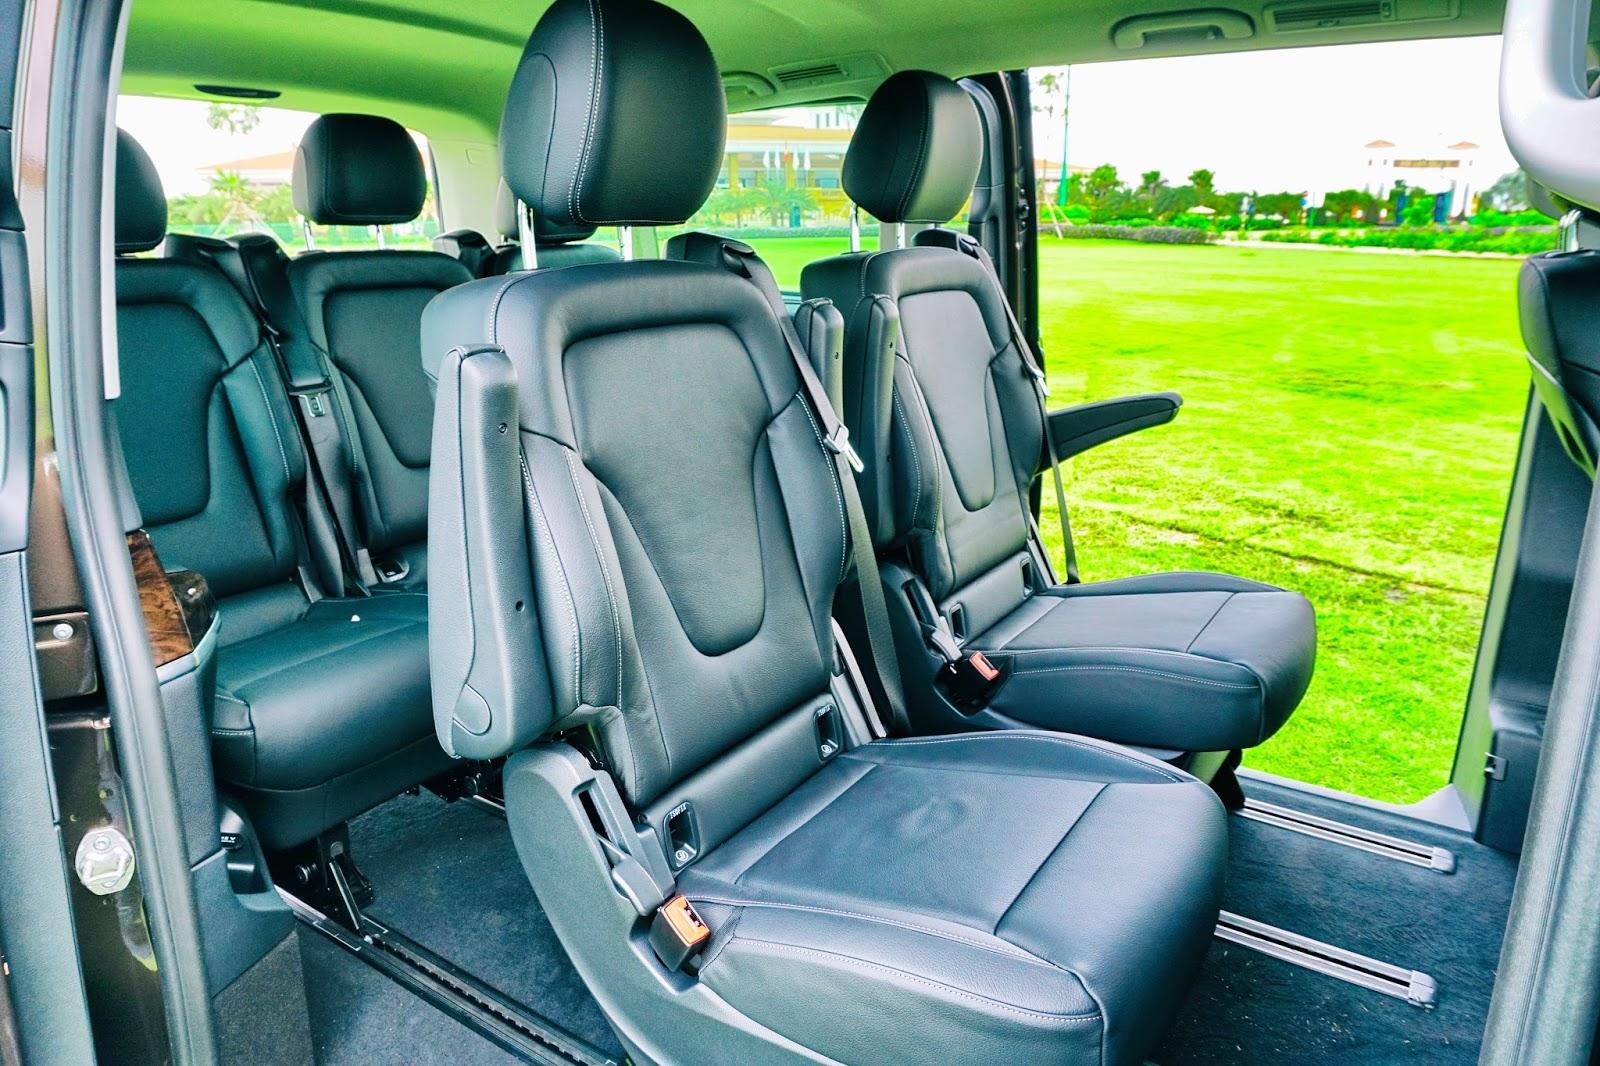 Hàng ghế thứ hai rộng rãi, có thể tùy biến thay đổi vị trí linh hoạt